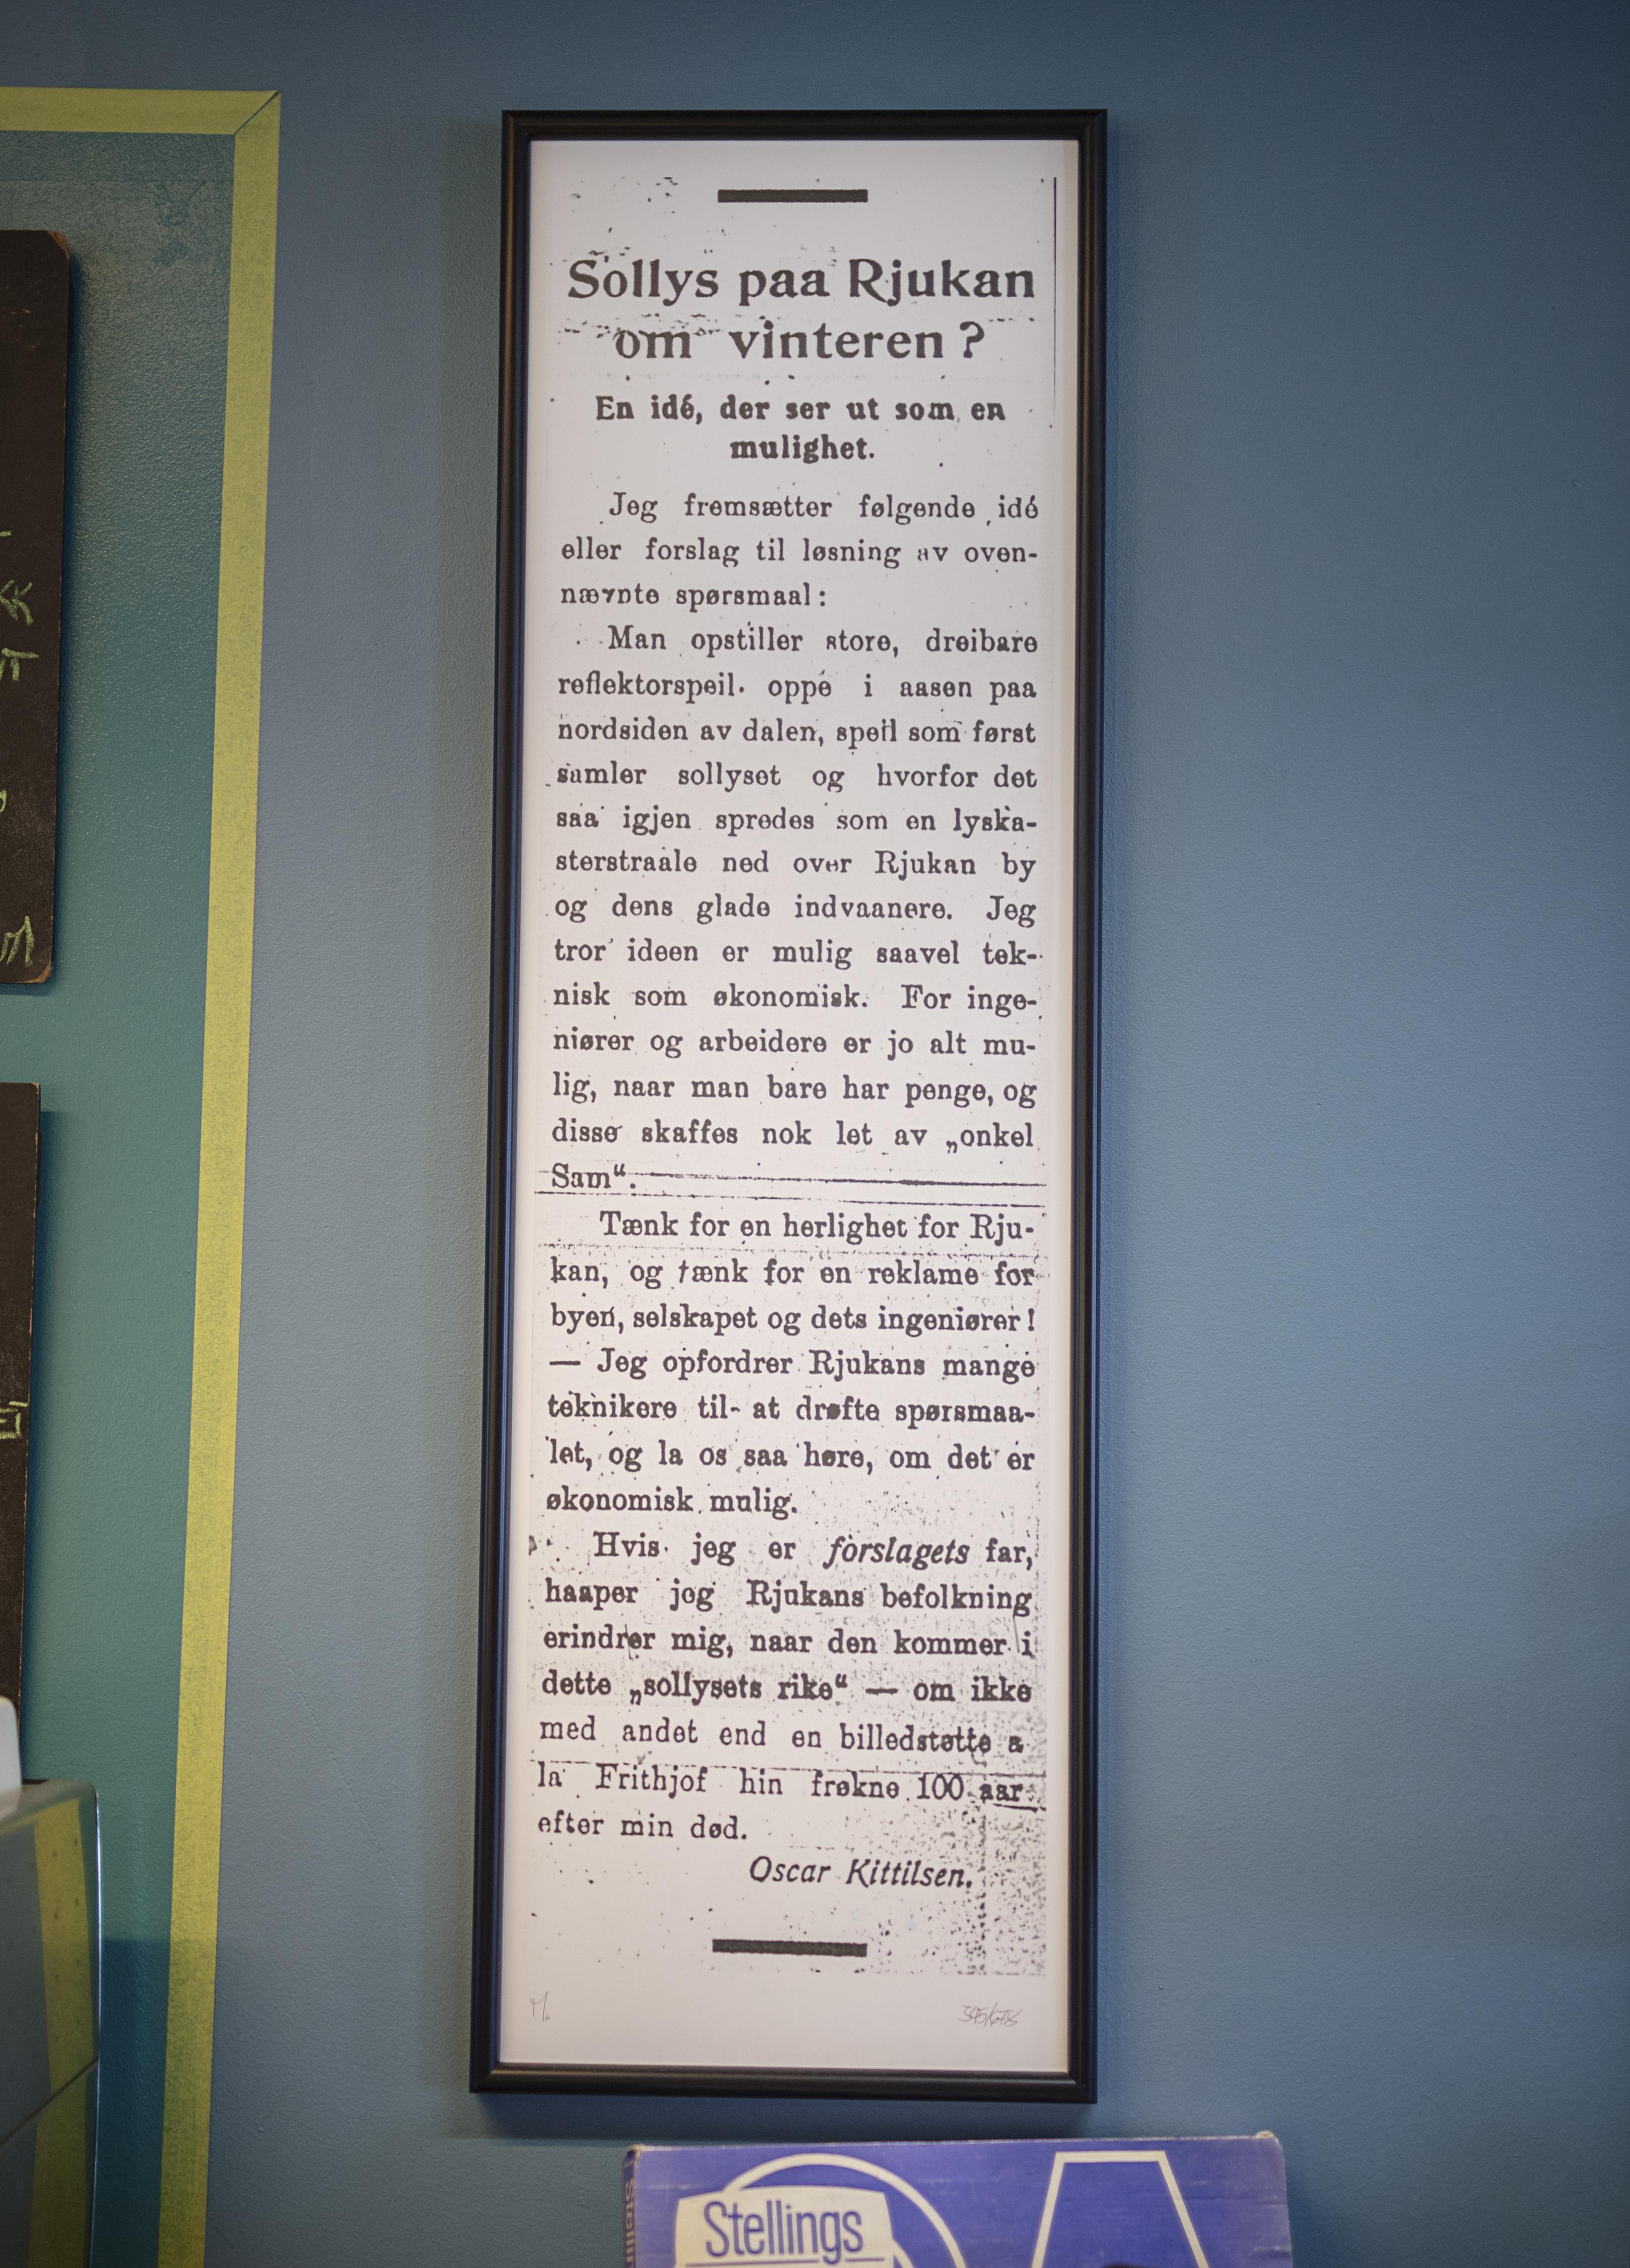 I 1913 skrev Oscar Kittelsen et innlegg i lokalavisa titulert «Sollys paa Rjukan om vinteren?». Det er i dag rammet inn og henger i bruktbutikken til Martin Andersen. Foto: Benjamin A. Ward